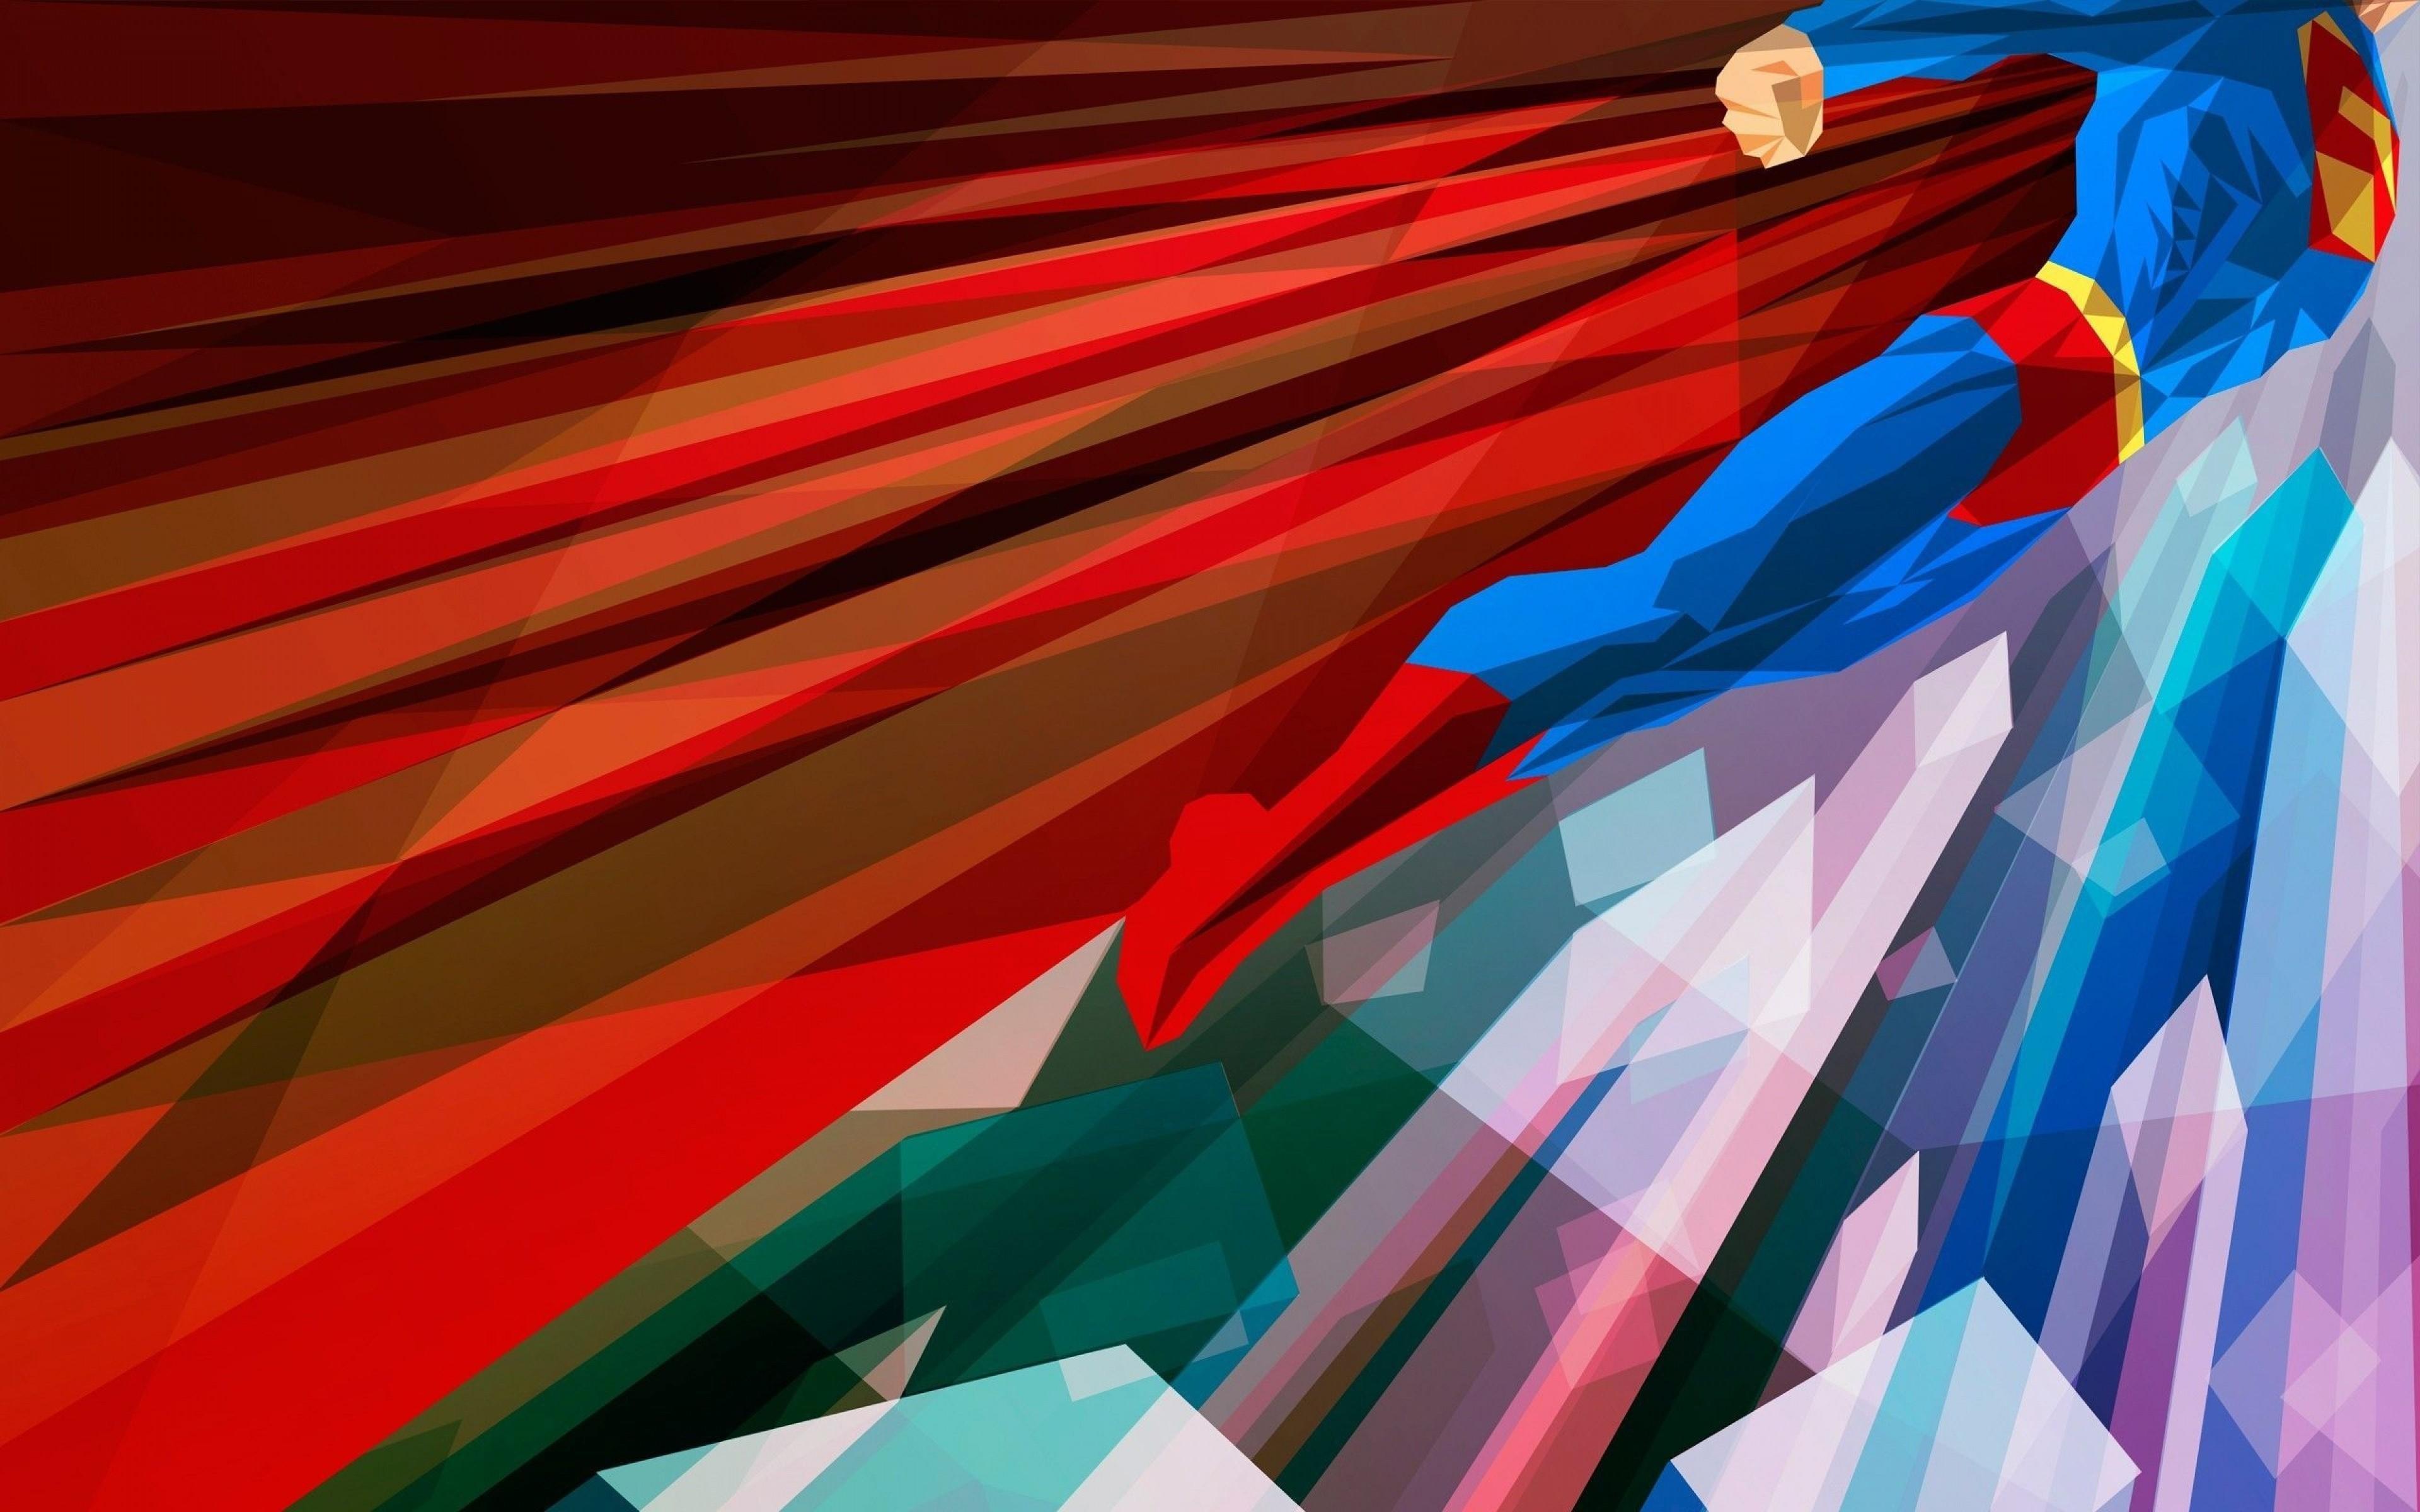 Best Wallpaper Mobile Superhero - 59102-full-size-superhero-background-3840x2400-for-tablet  Trends_924983.jpg